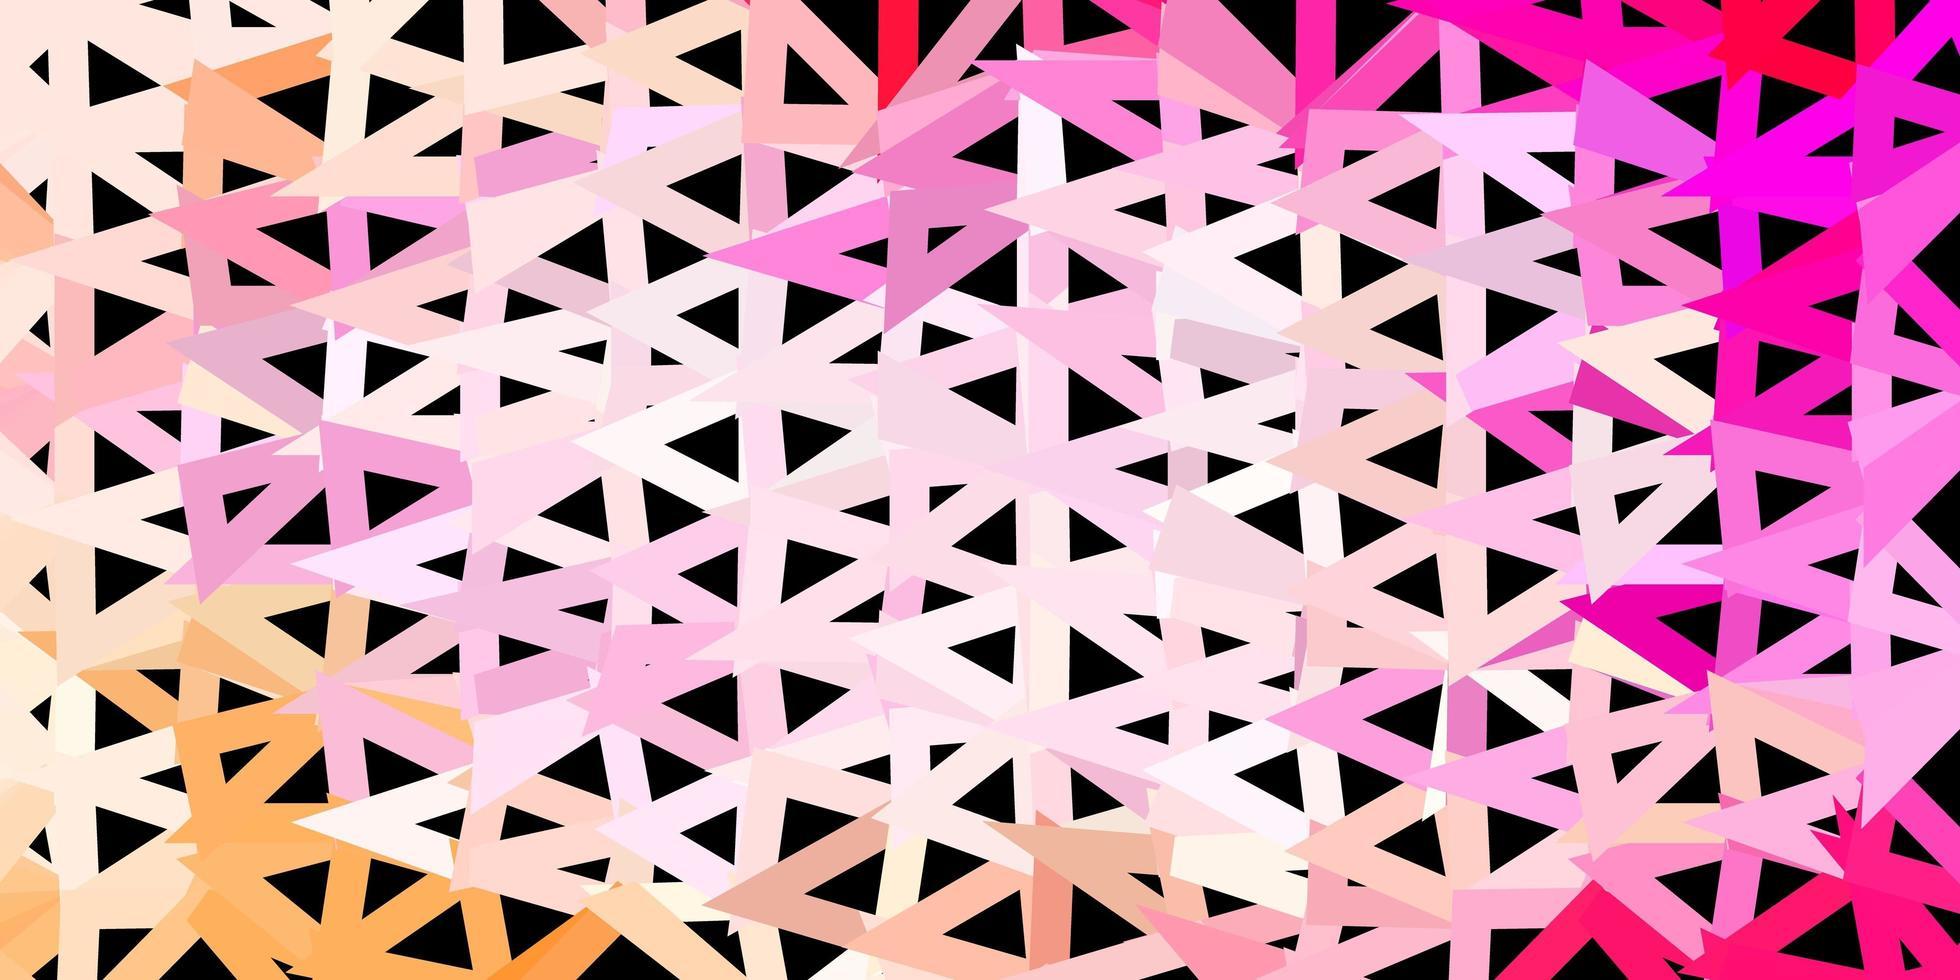 patrón de triángulo abstracto vector rosa claro.